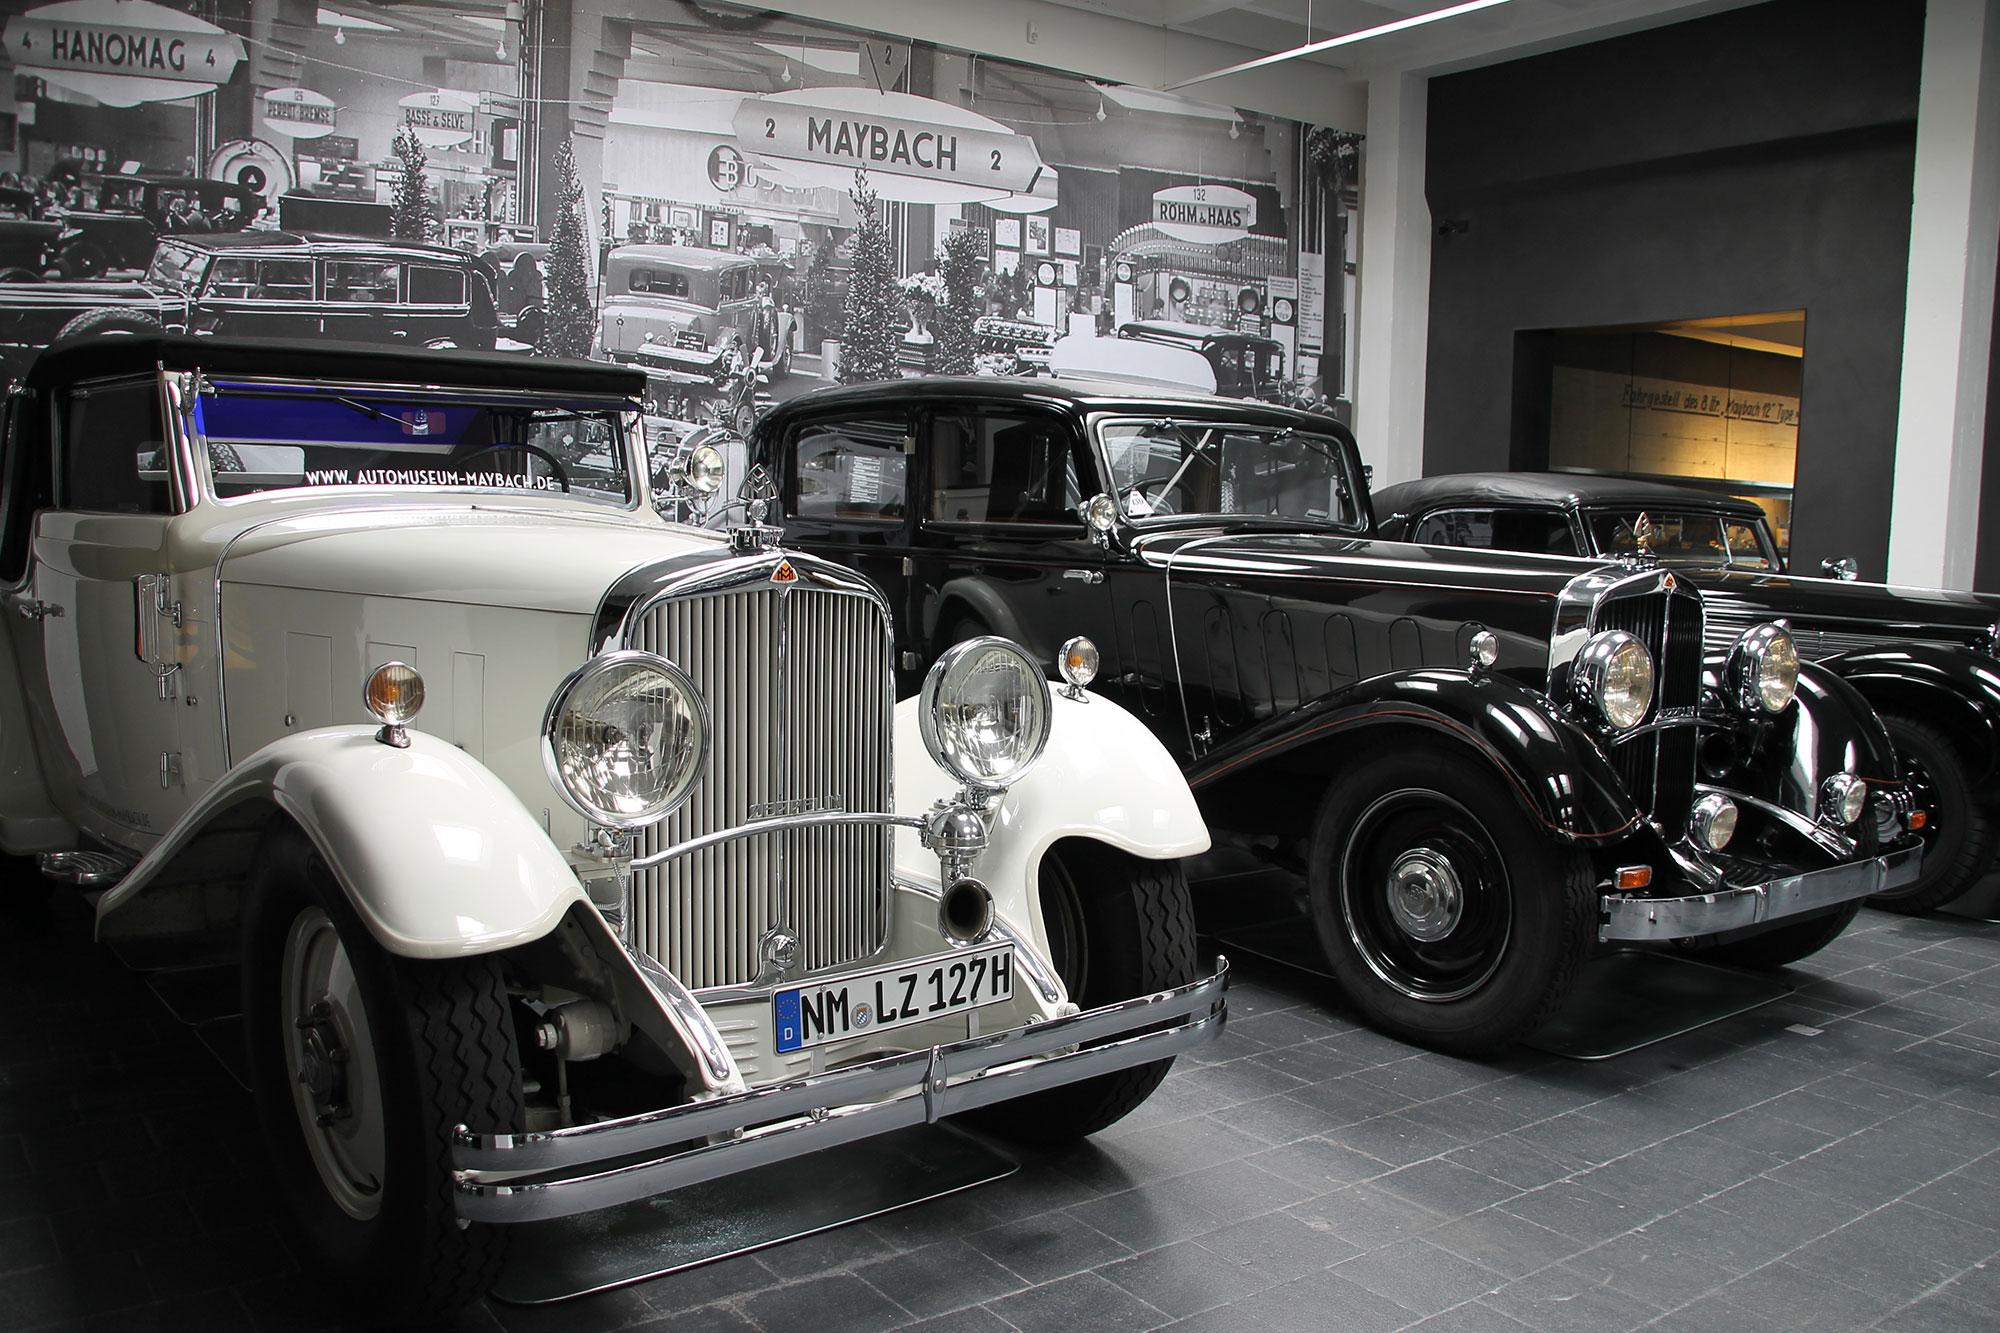 Einzigartige Ausstellung im Museum für historische Maybach-Fahrzeuge